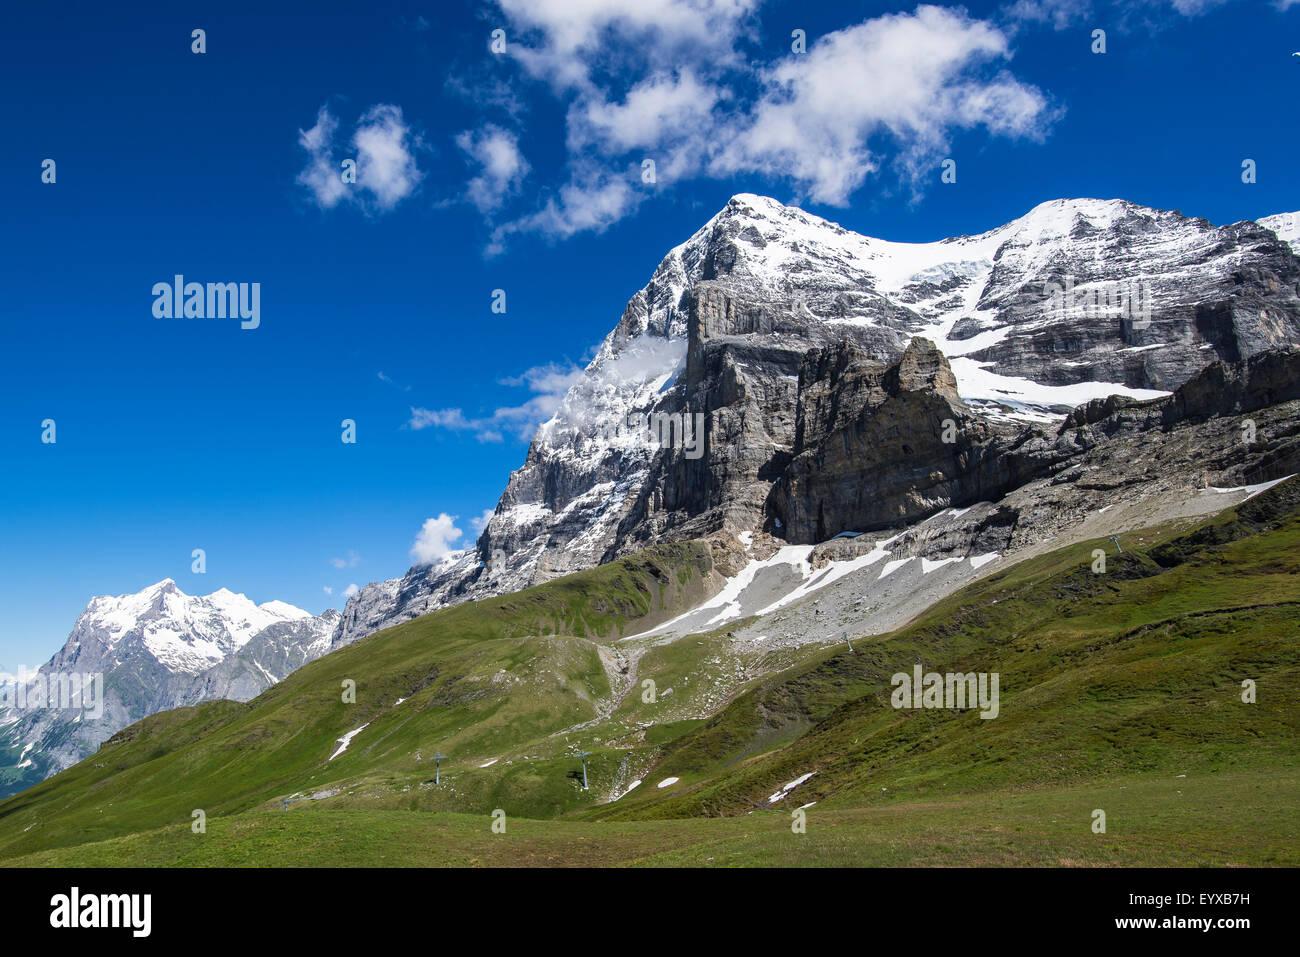 L'Eiger montrant sa célèbre face Nord, Suisse. Photo Stock